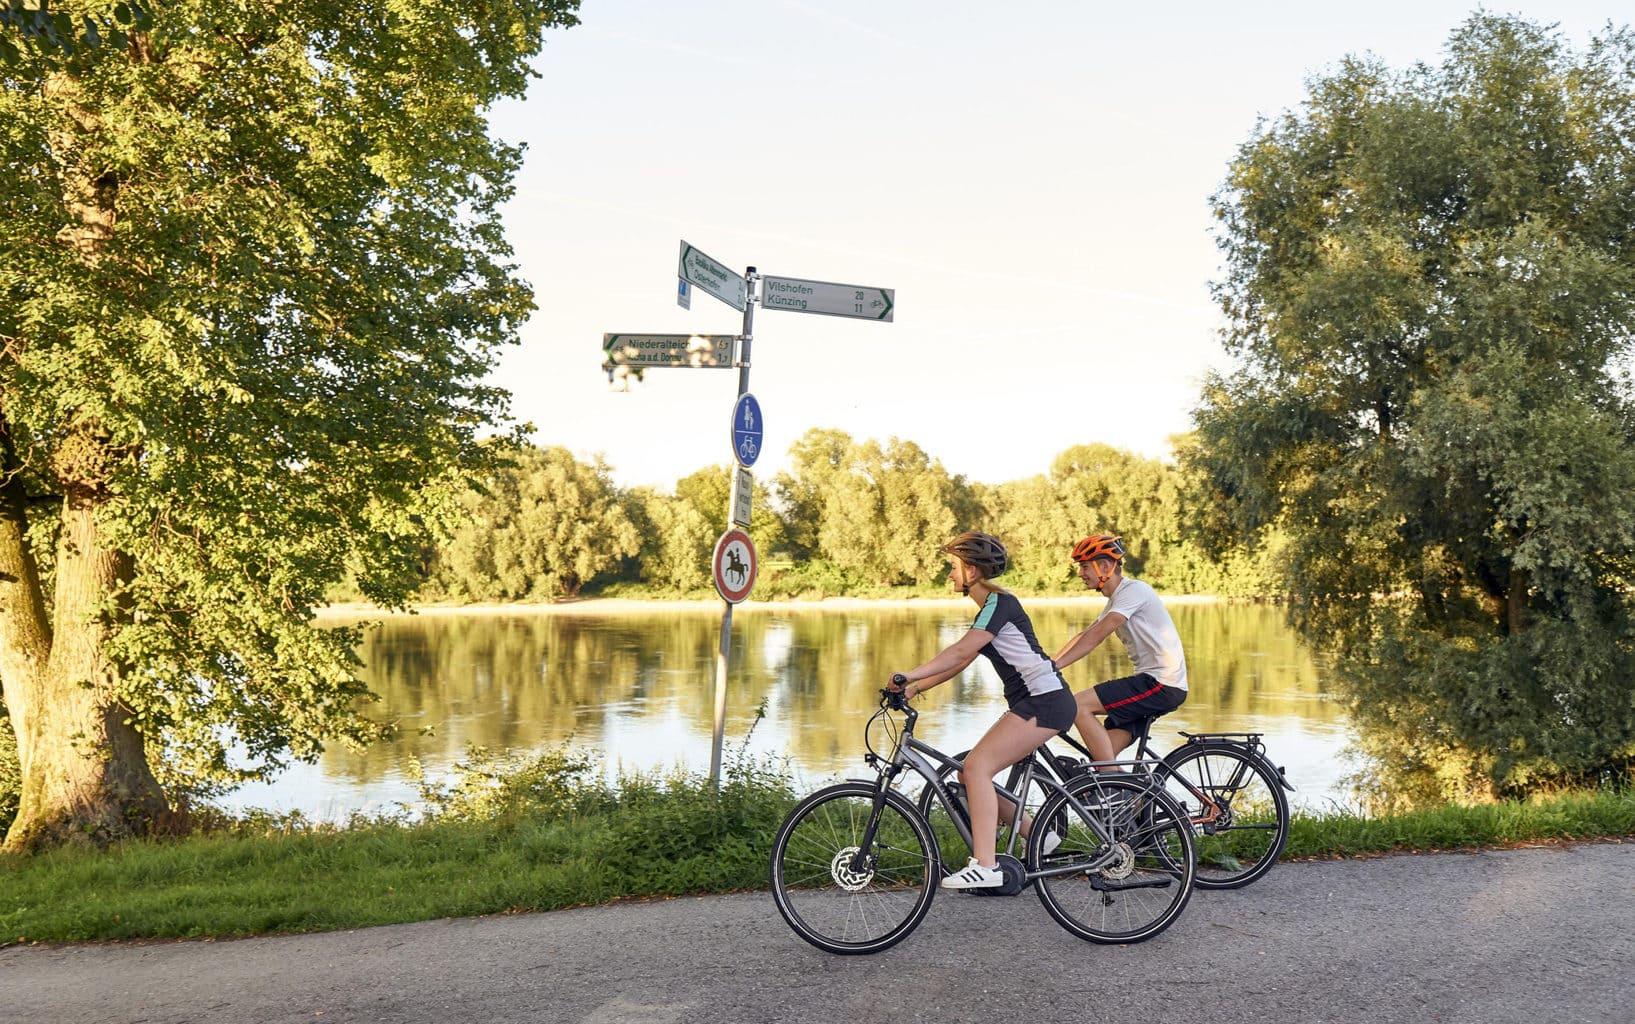 Fietser genieten op de Isar-Radweg in Beieren